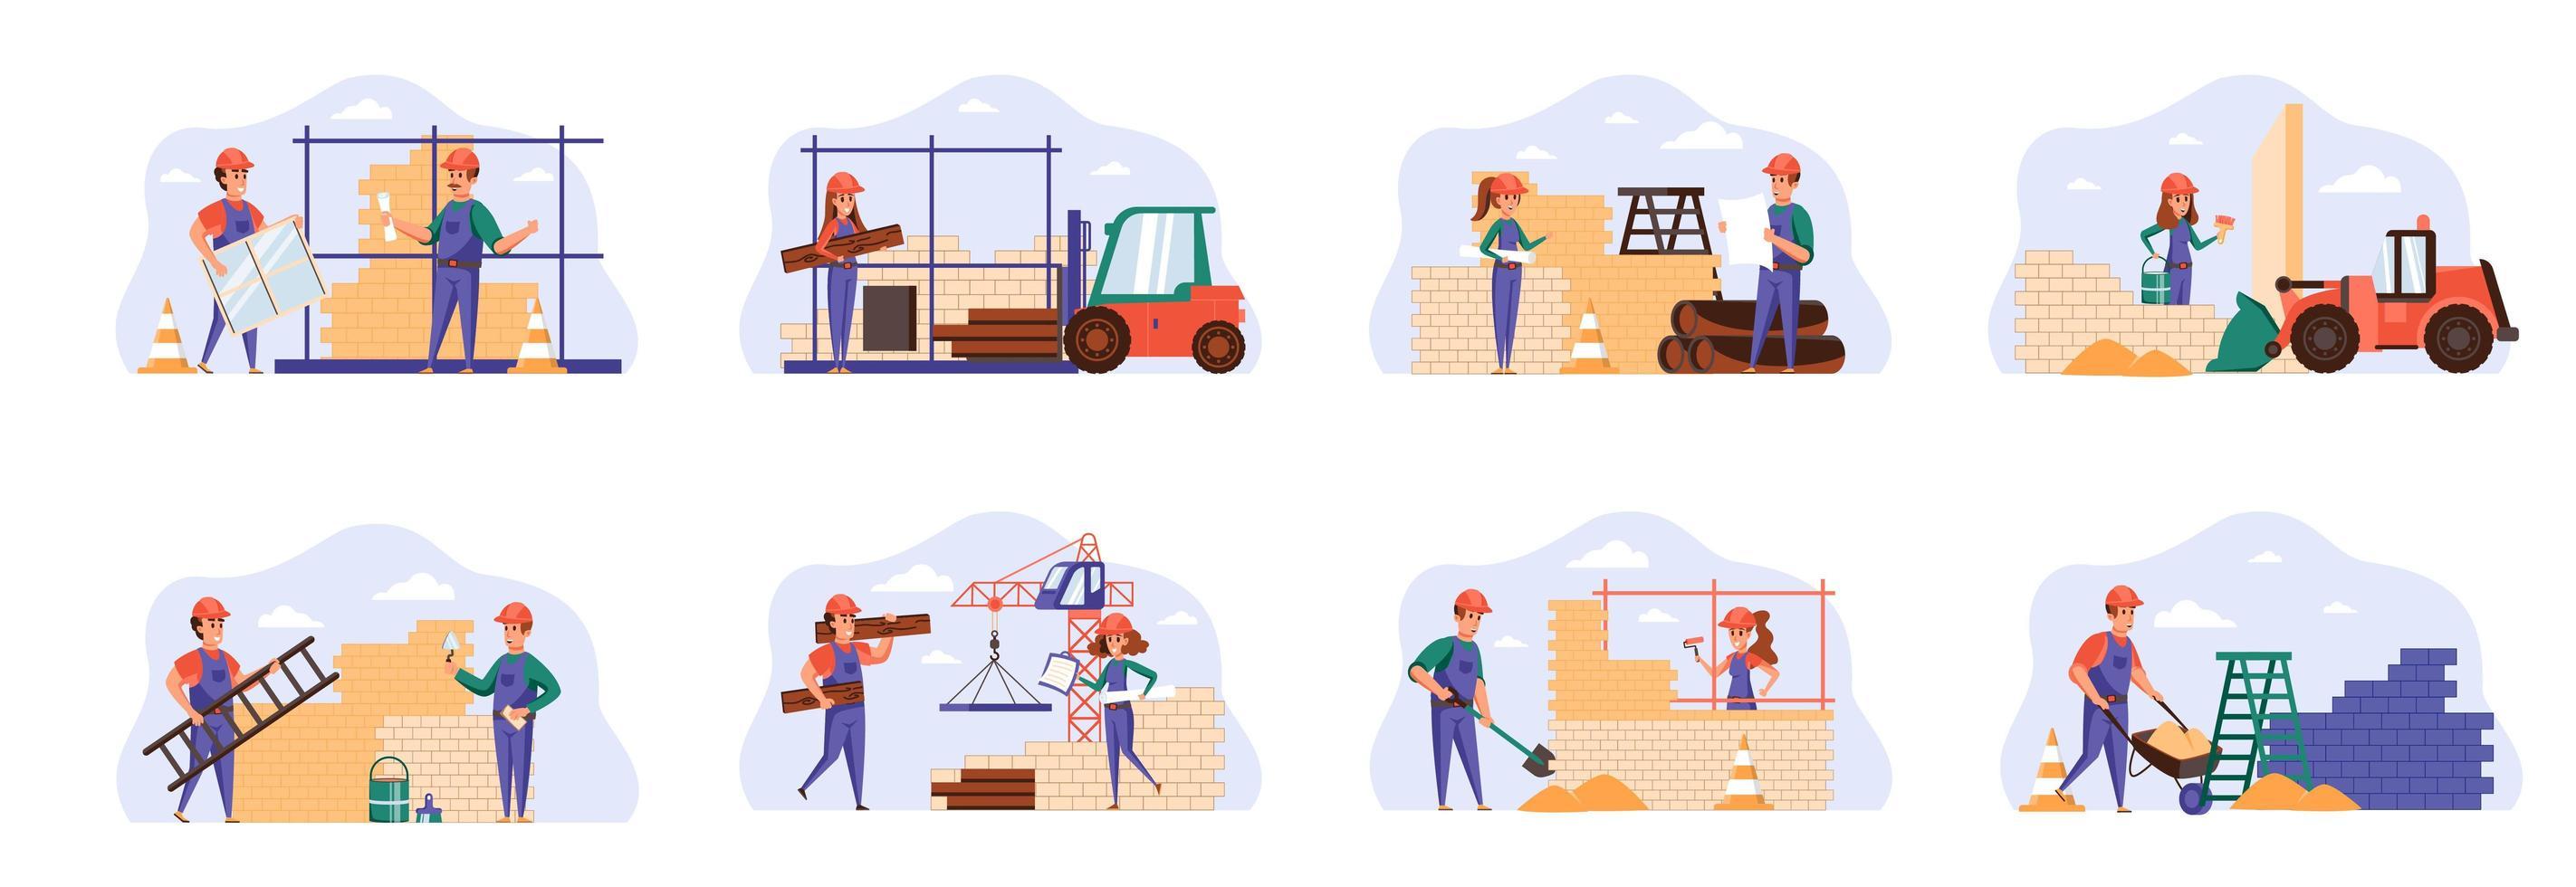 Builders scenes bundle with people characters. vector